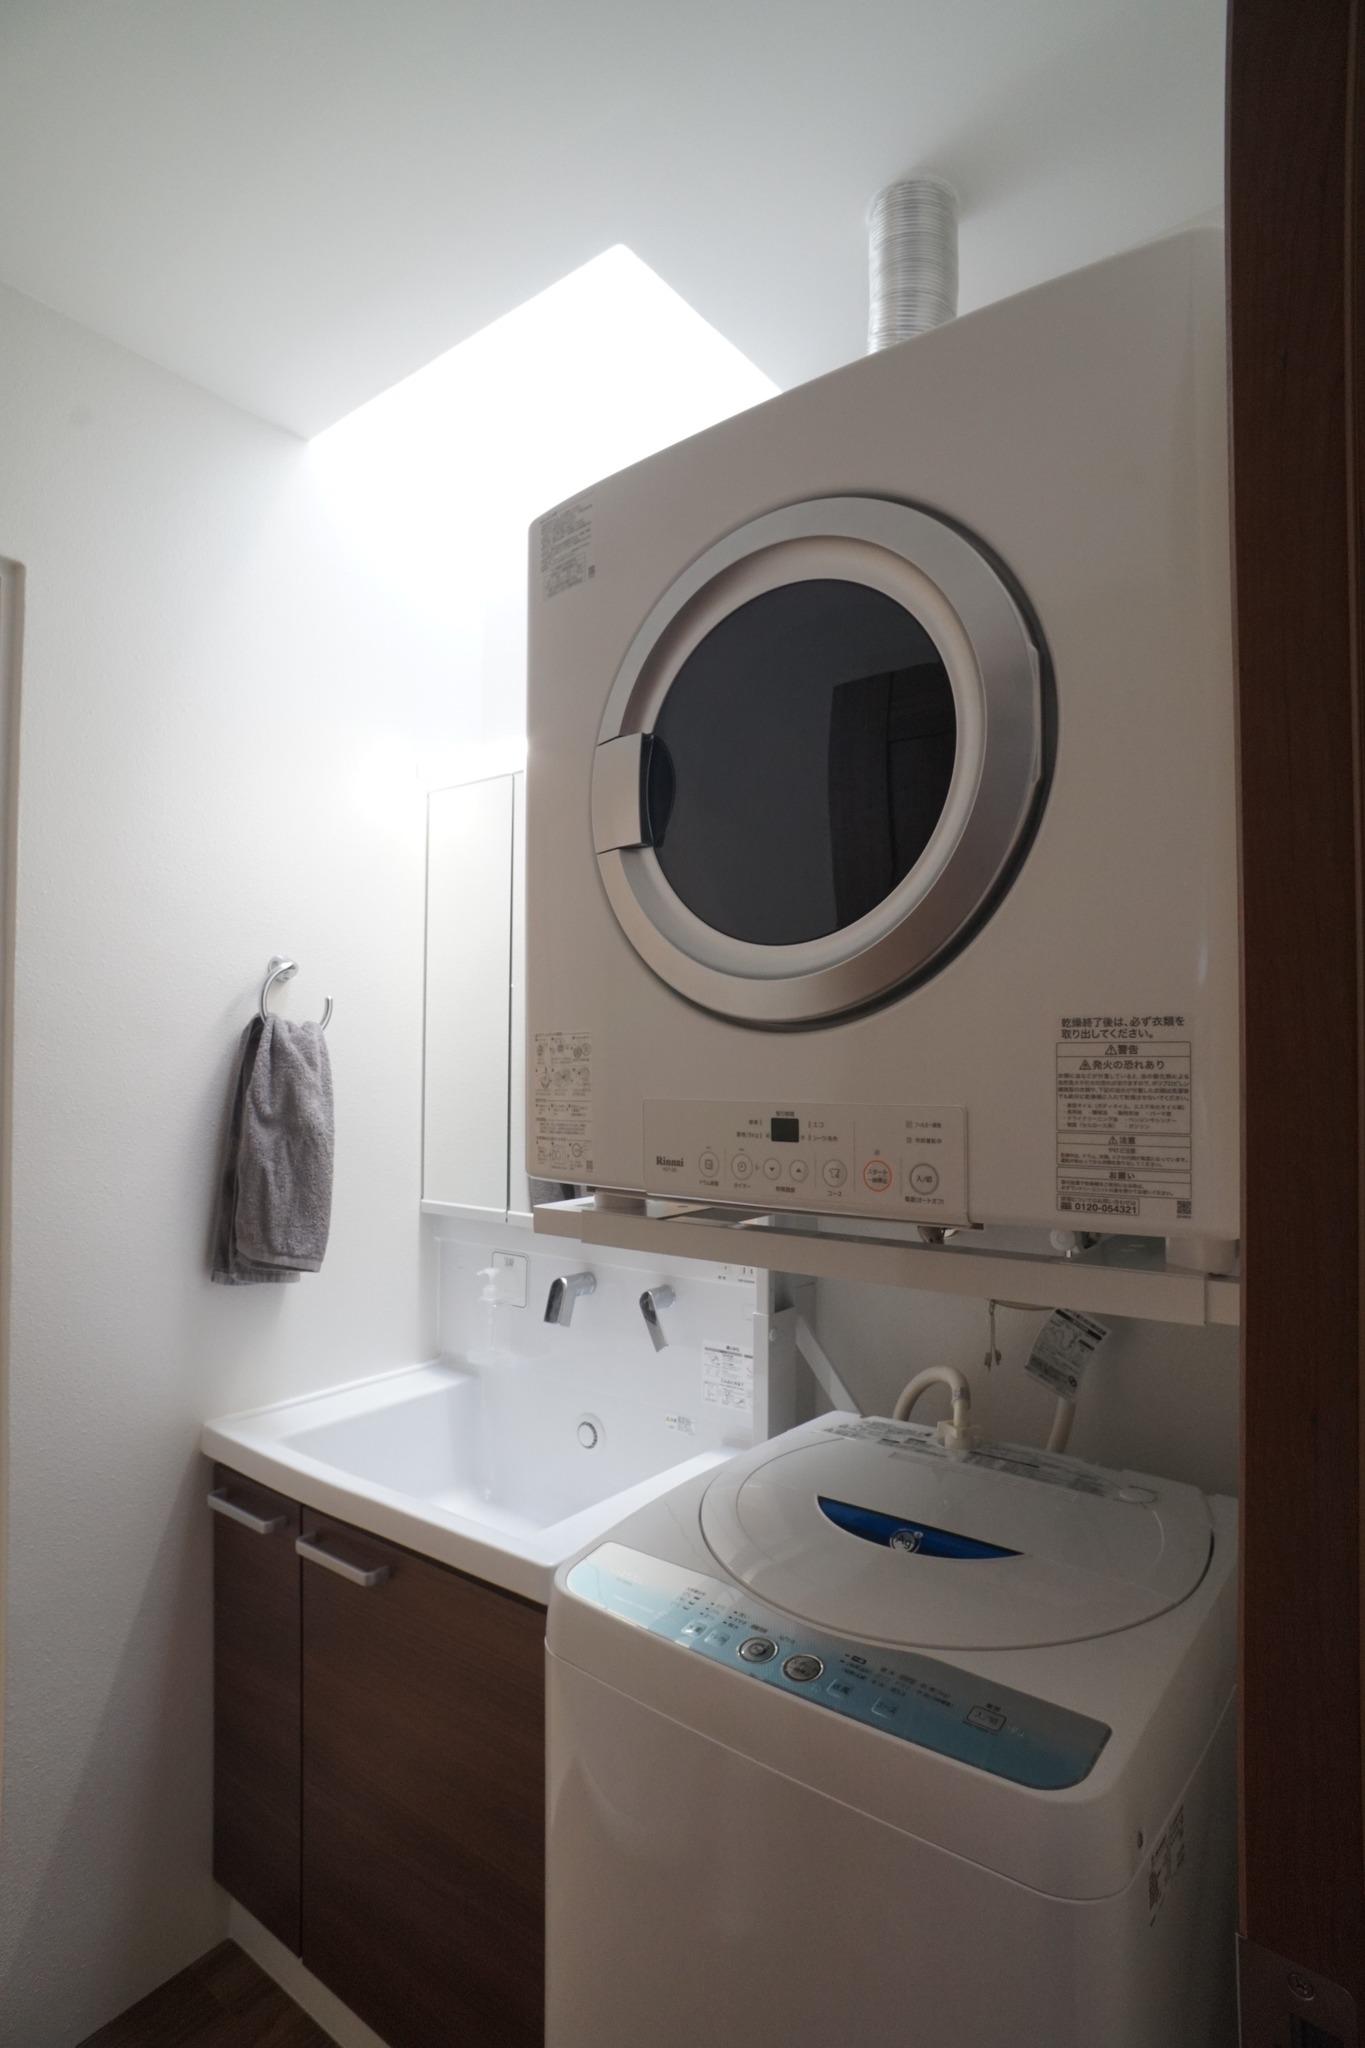 乾燥機 洗濯機 天窓からの明かり